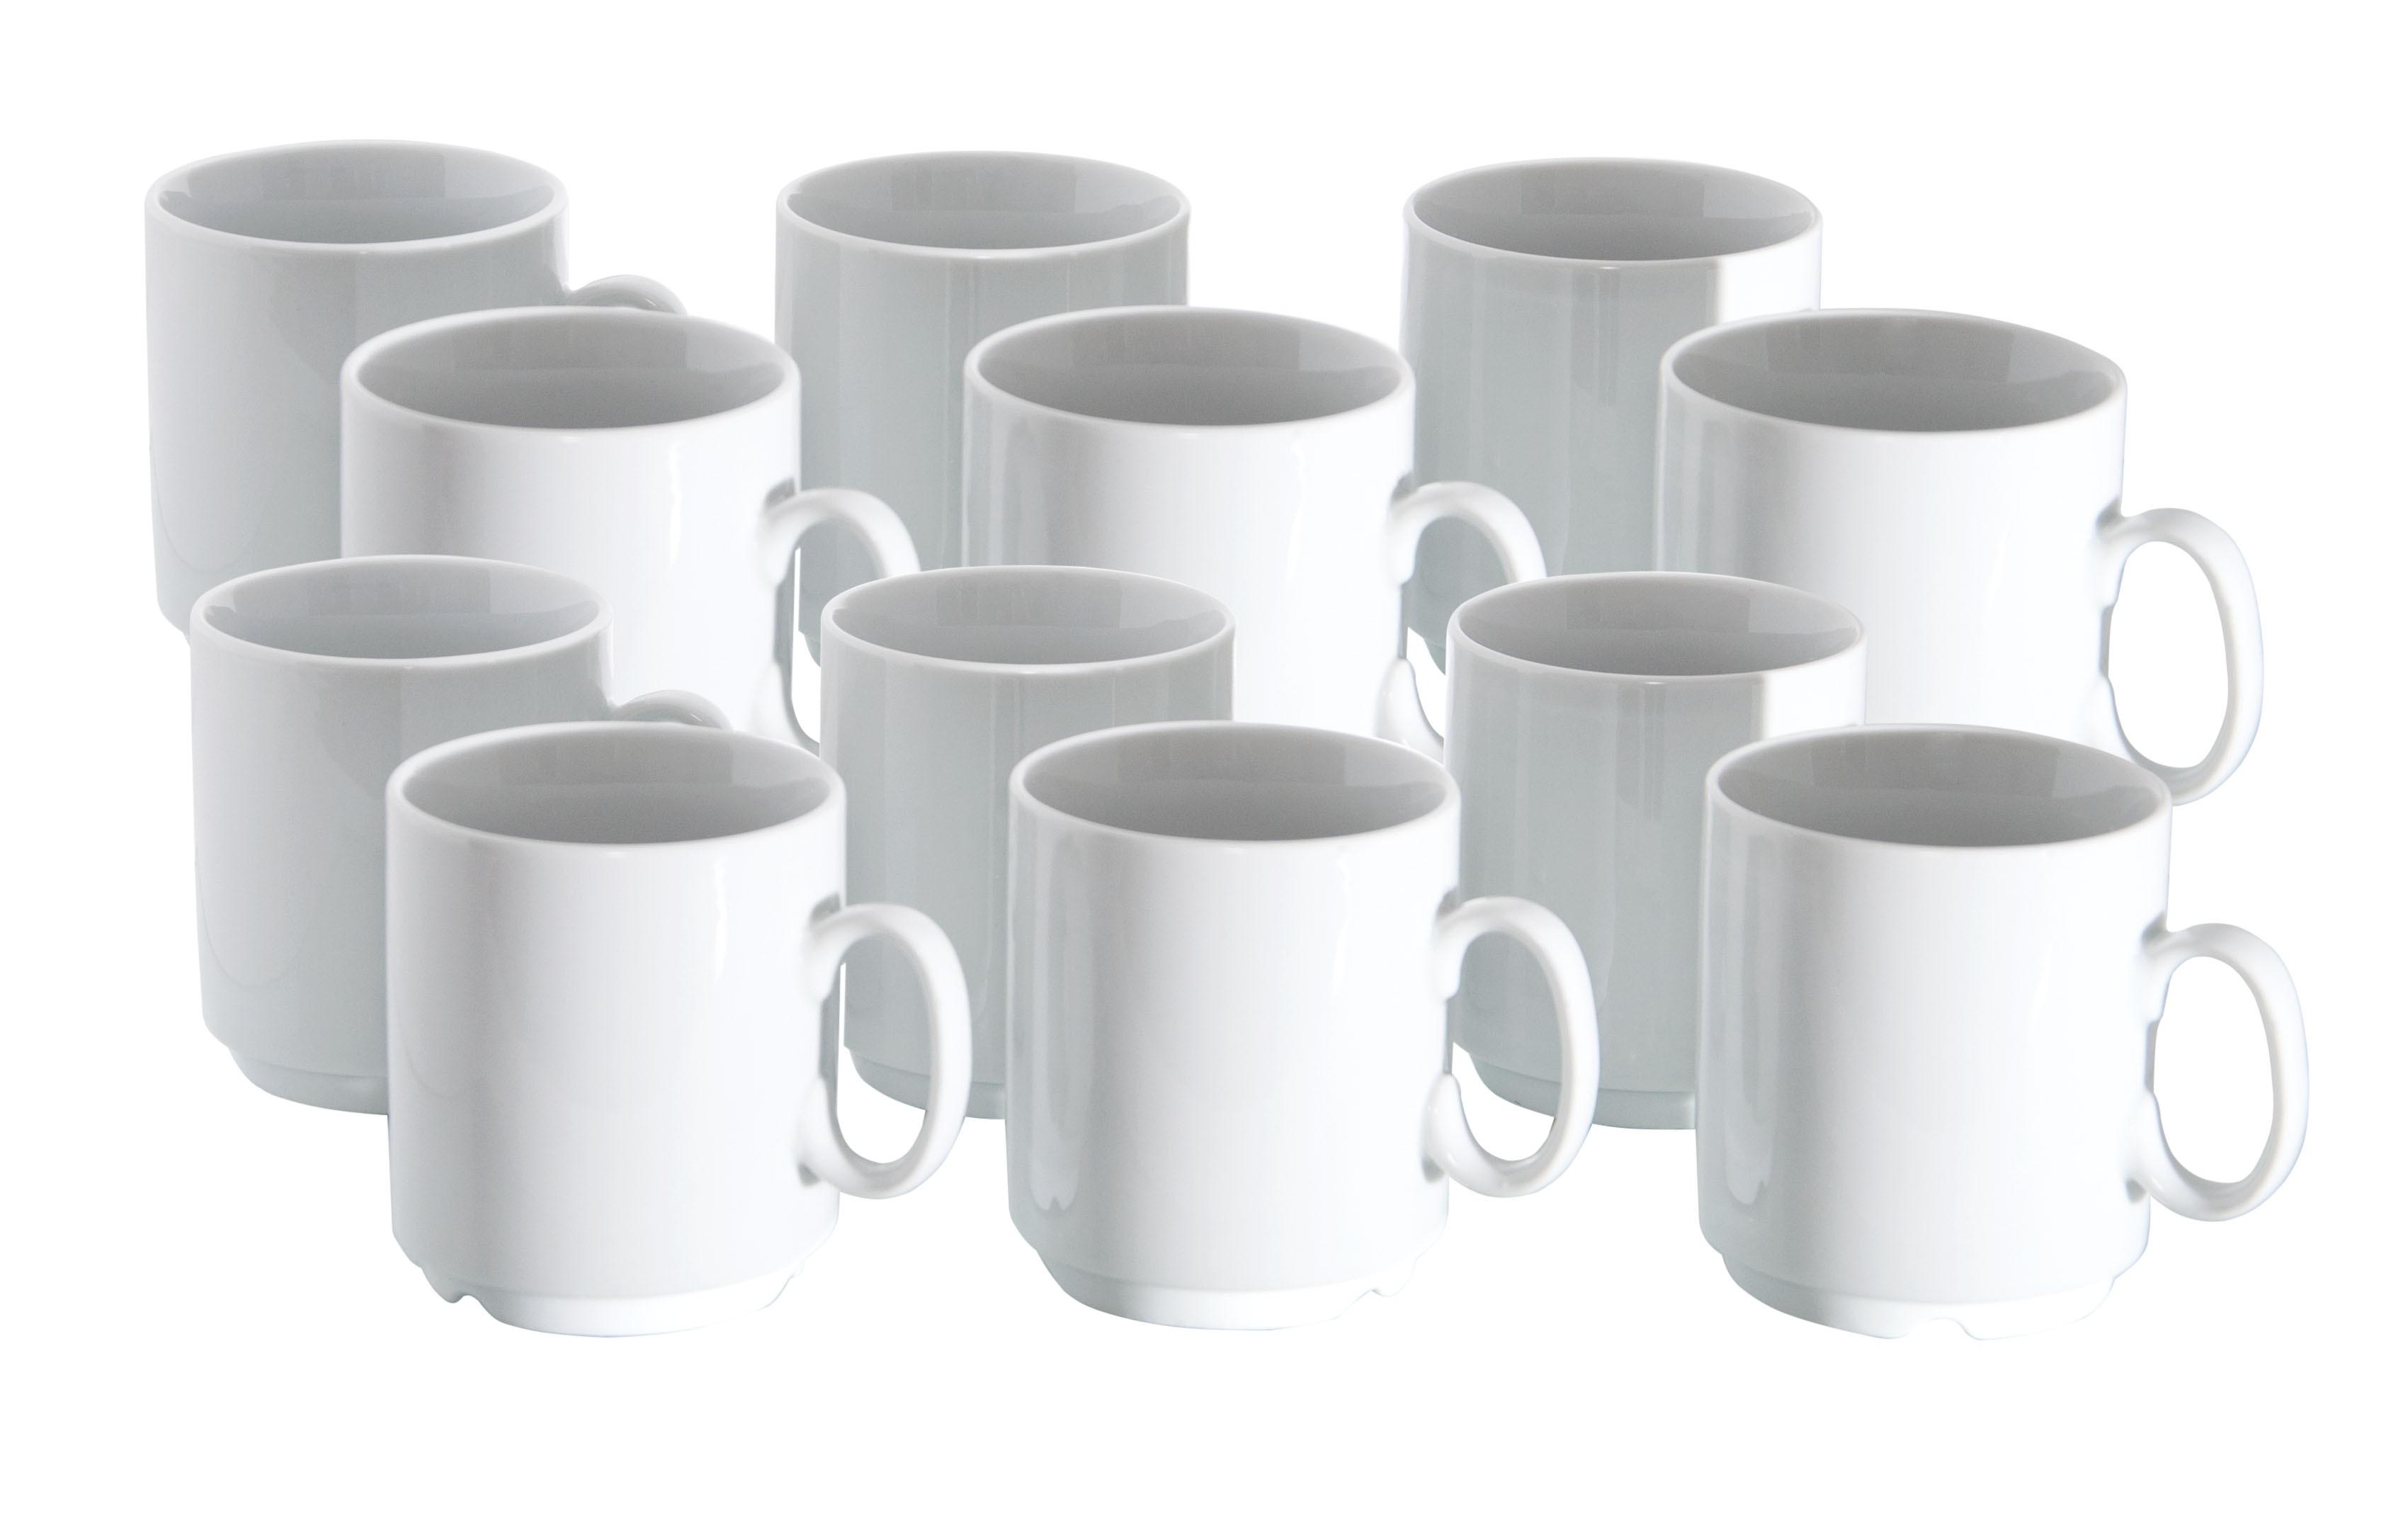 12er set van well porzellan kaffeebecher profi 280ml wei stapelbar porzellan tassen und becher. Black Bedroom Furniture Sets. Home Design Ideas